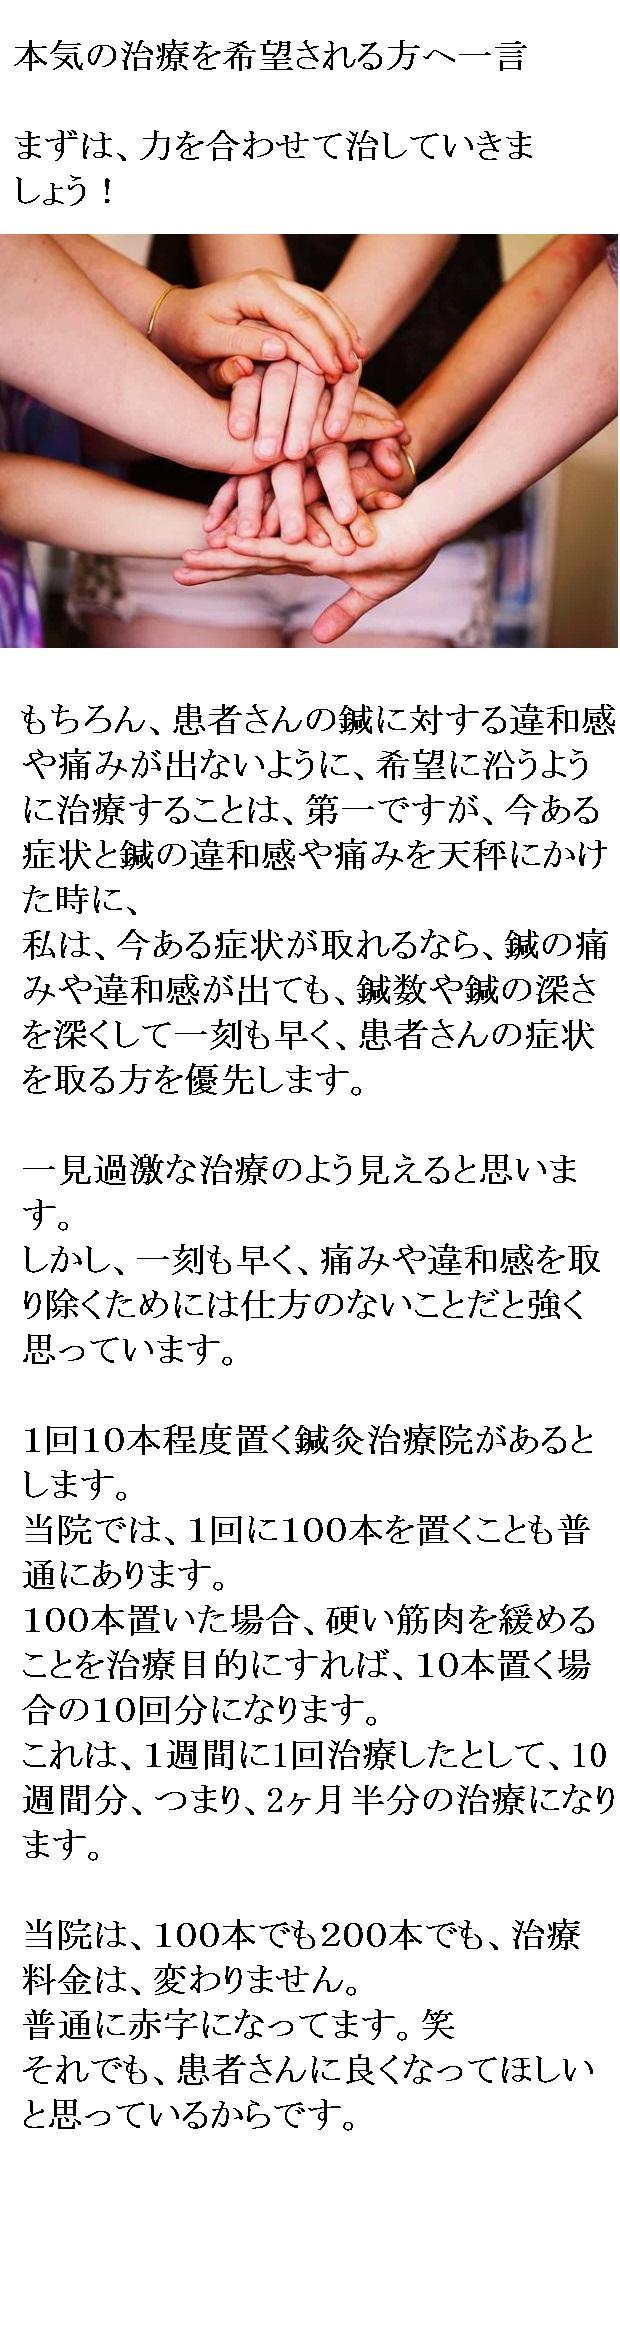 ひどい痛みの治療クリアーボディ鍼灸治療院|福岡県福津古賀宗像北九州市